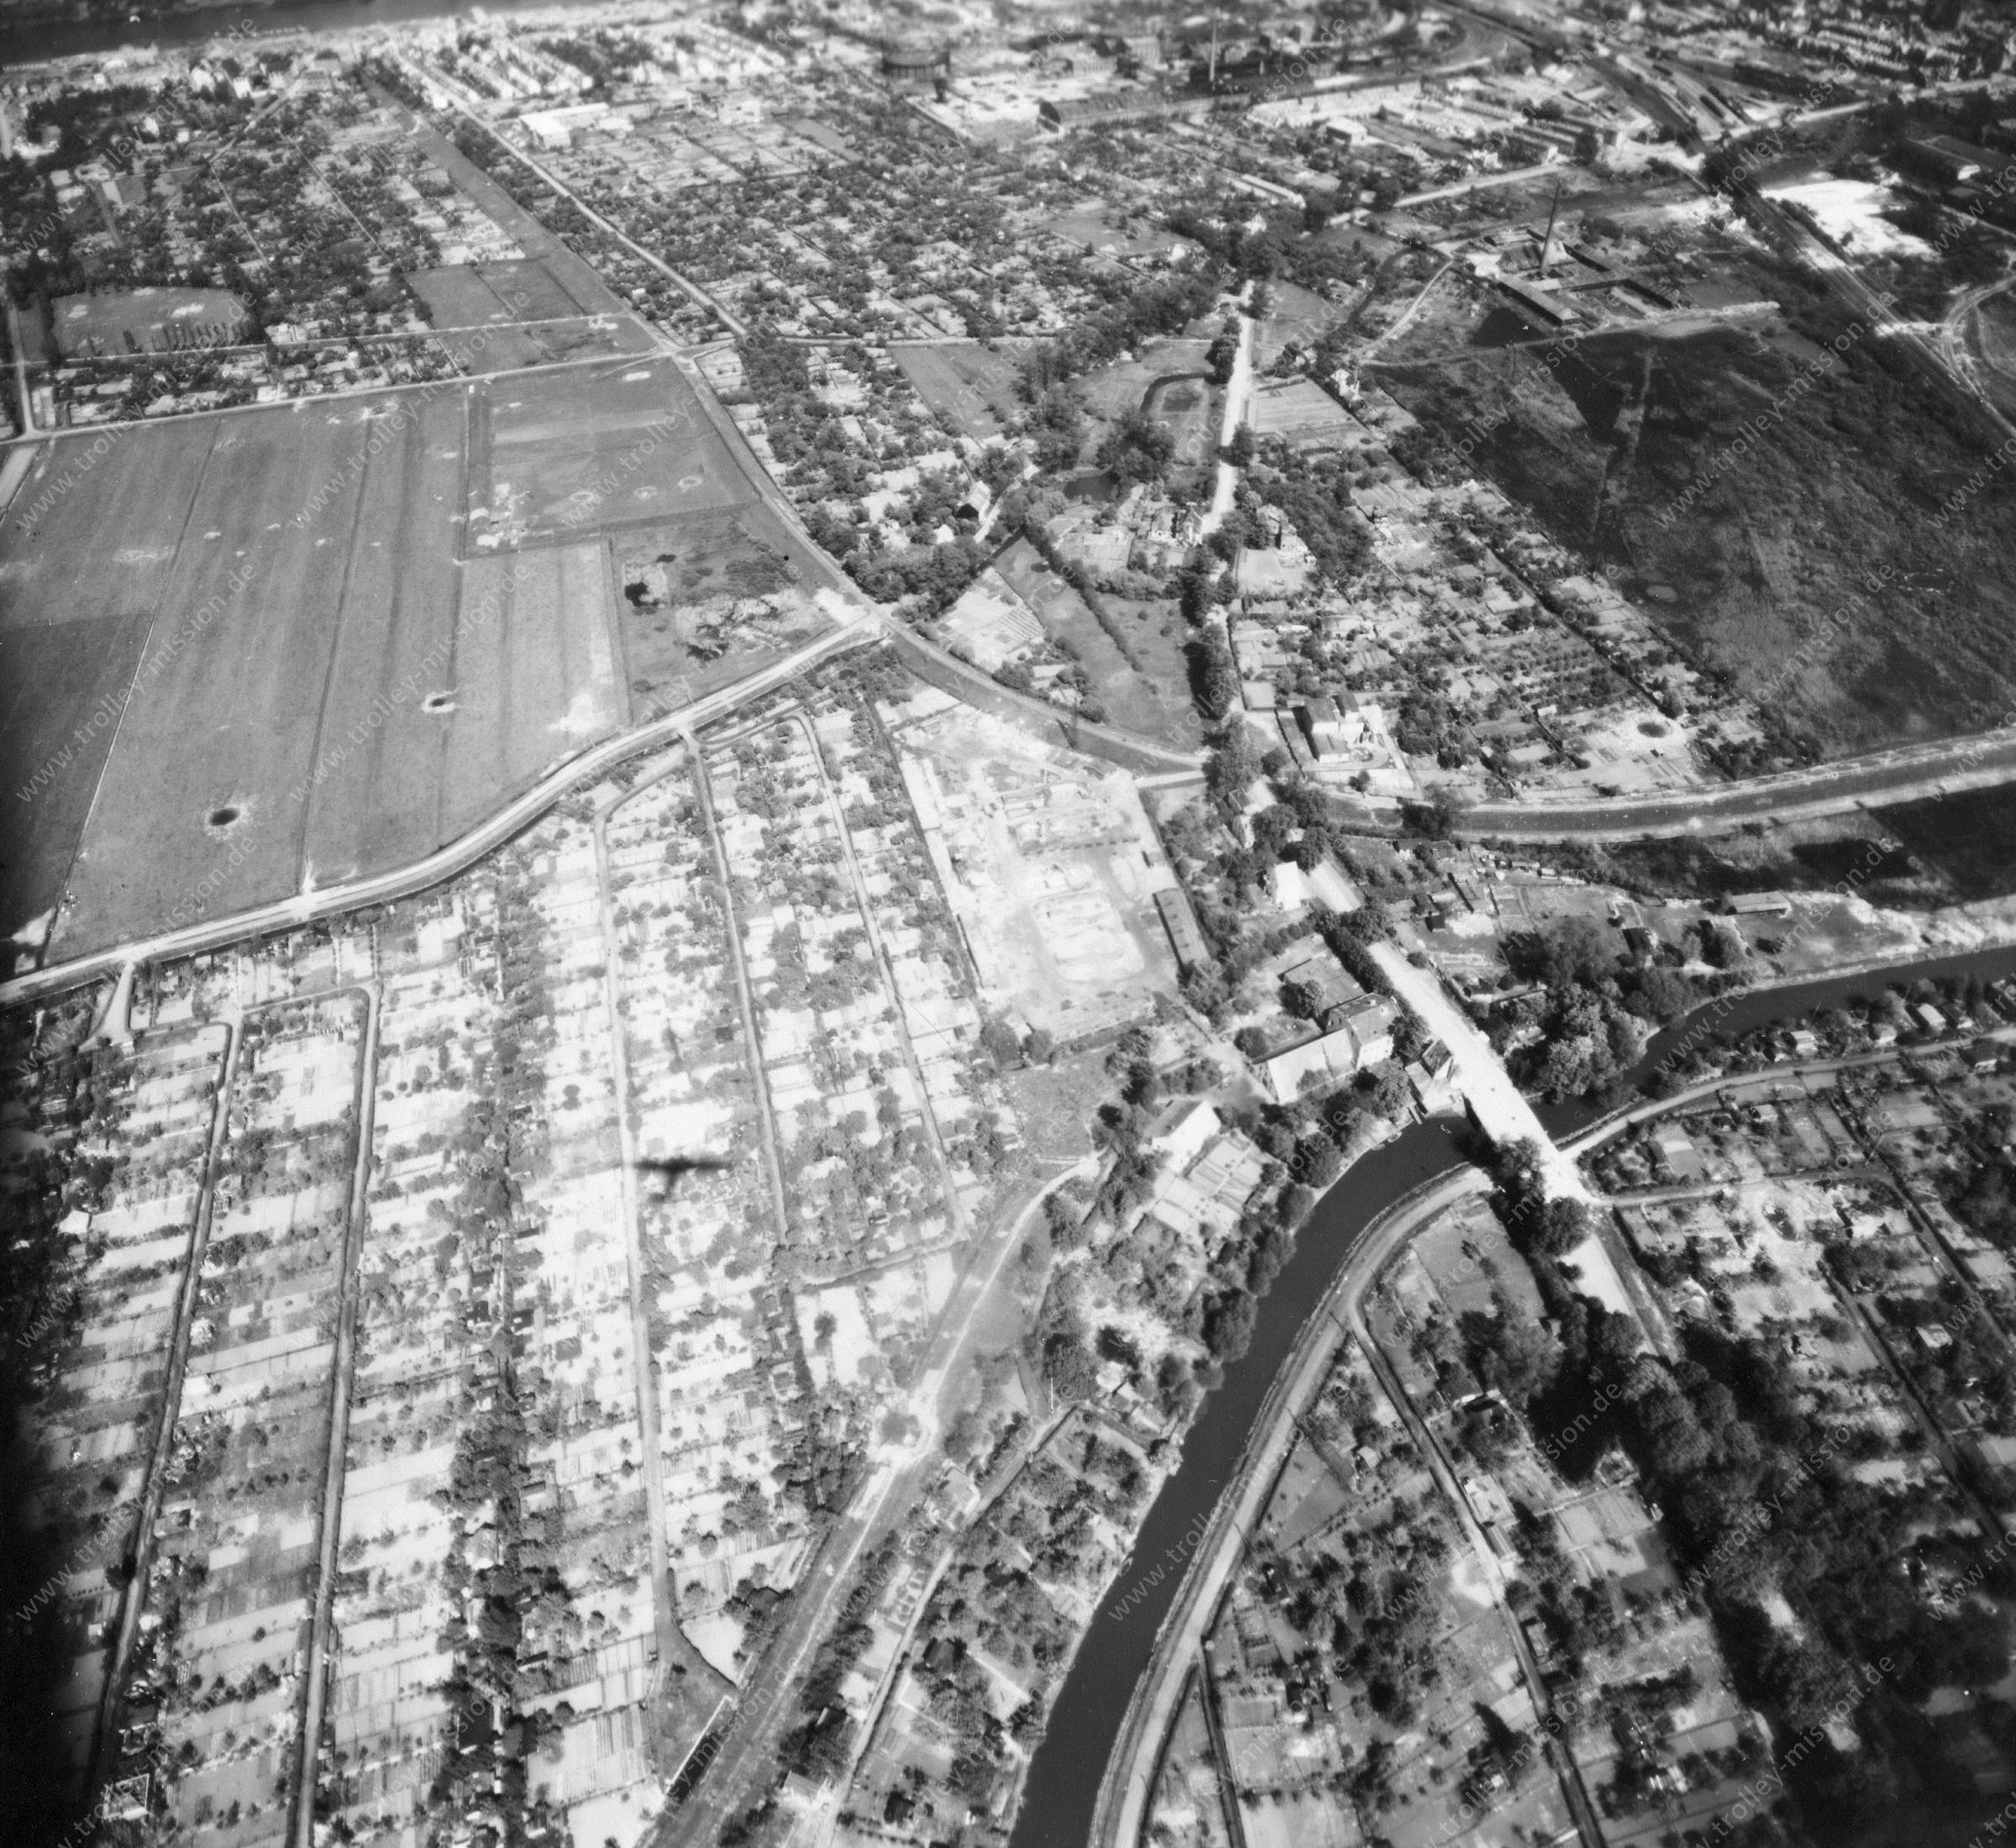 Luftbild von Bremen am 12. Mai 1945 - Luftbildserie 4/12 der US Air Force